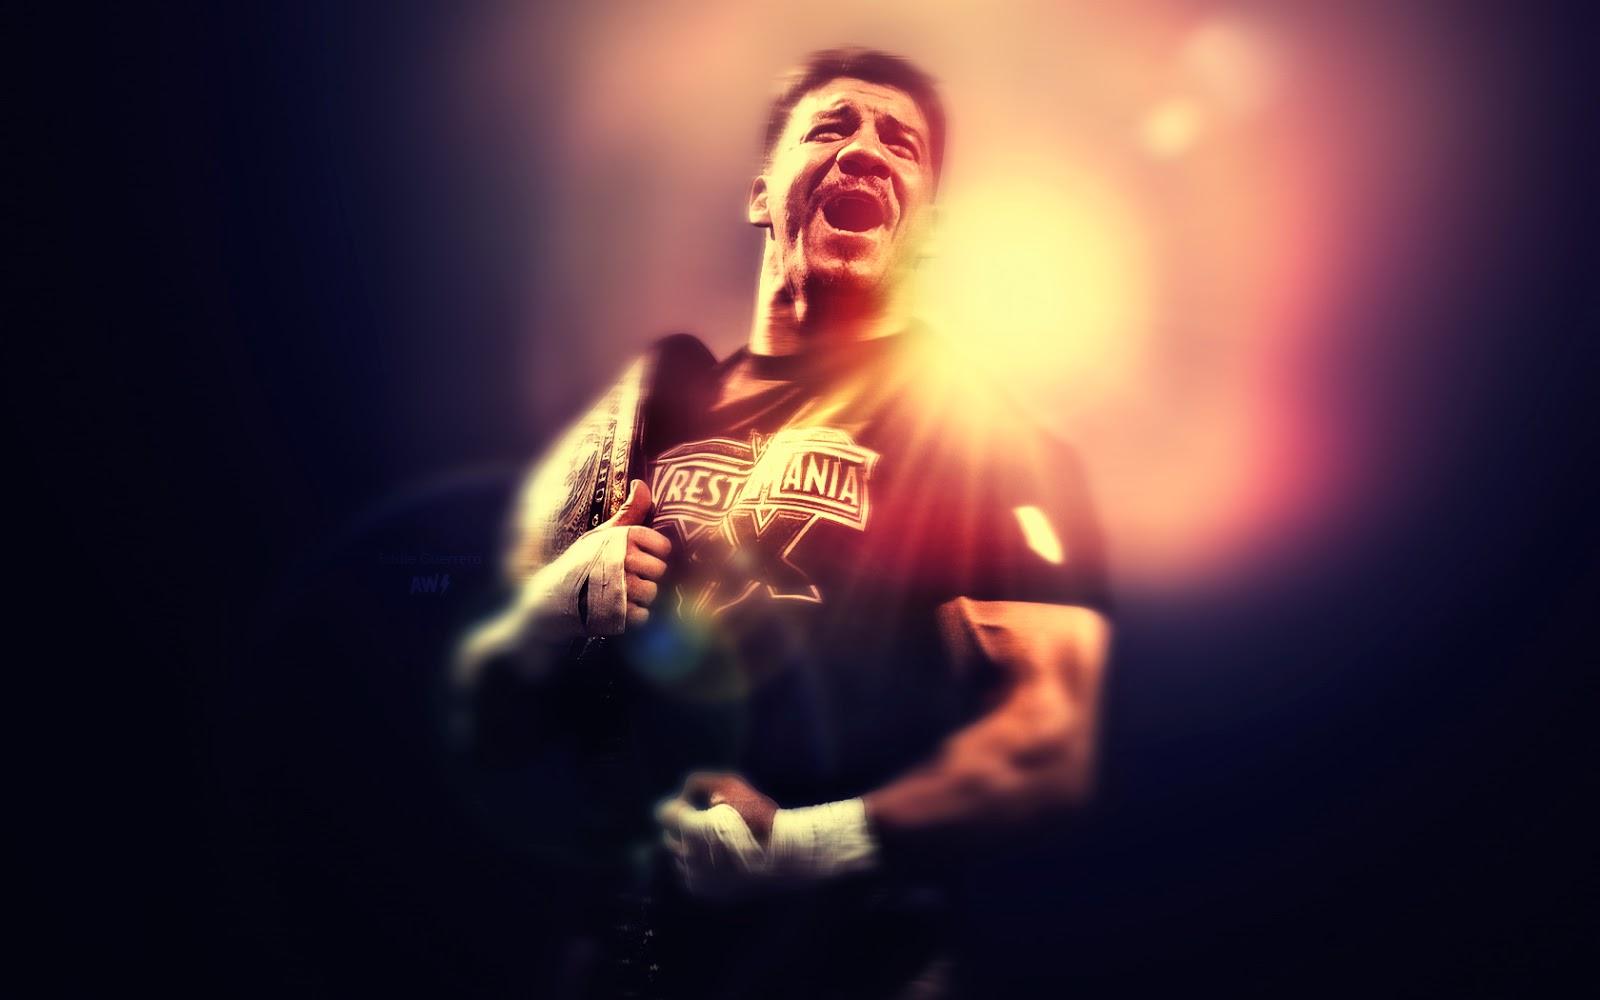 Wwe Logo Hd Wallpaper Eddie Guerrero Hd Wallpapers Free Download Wwe Hd